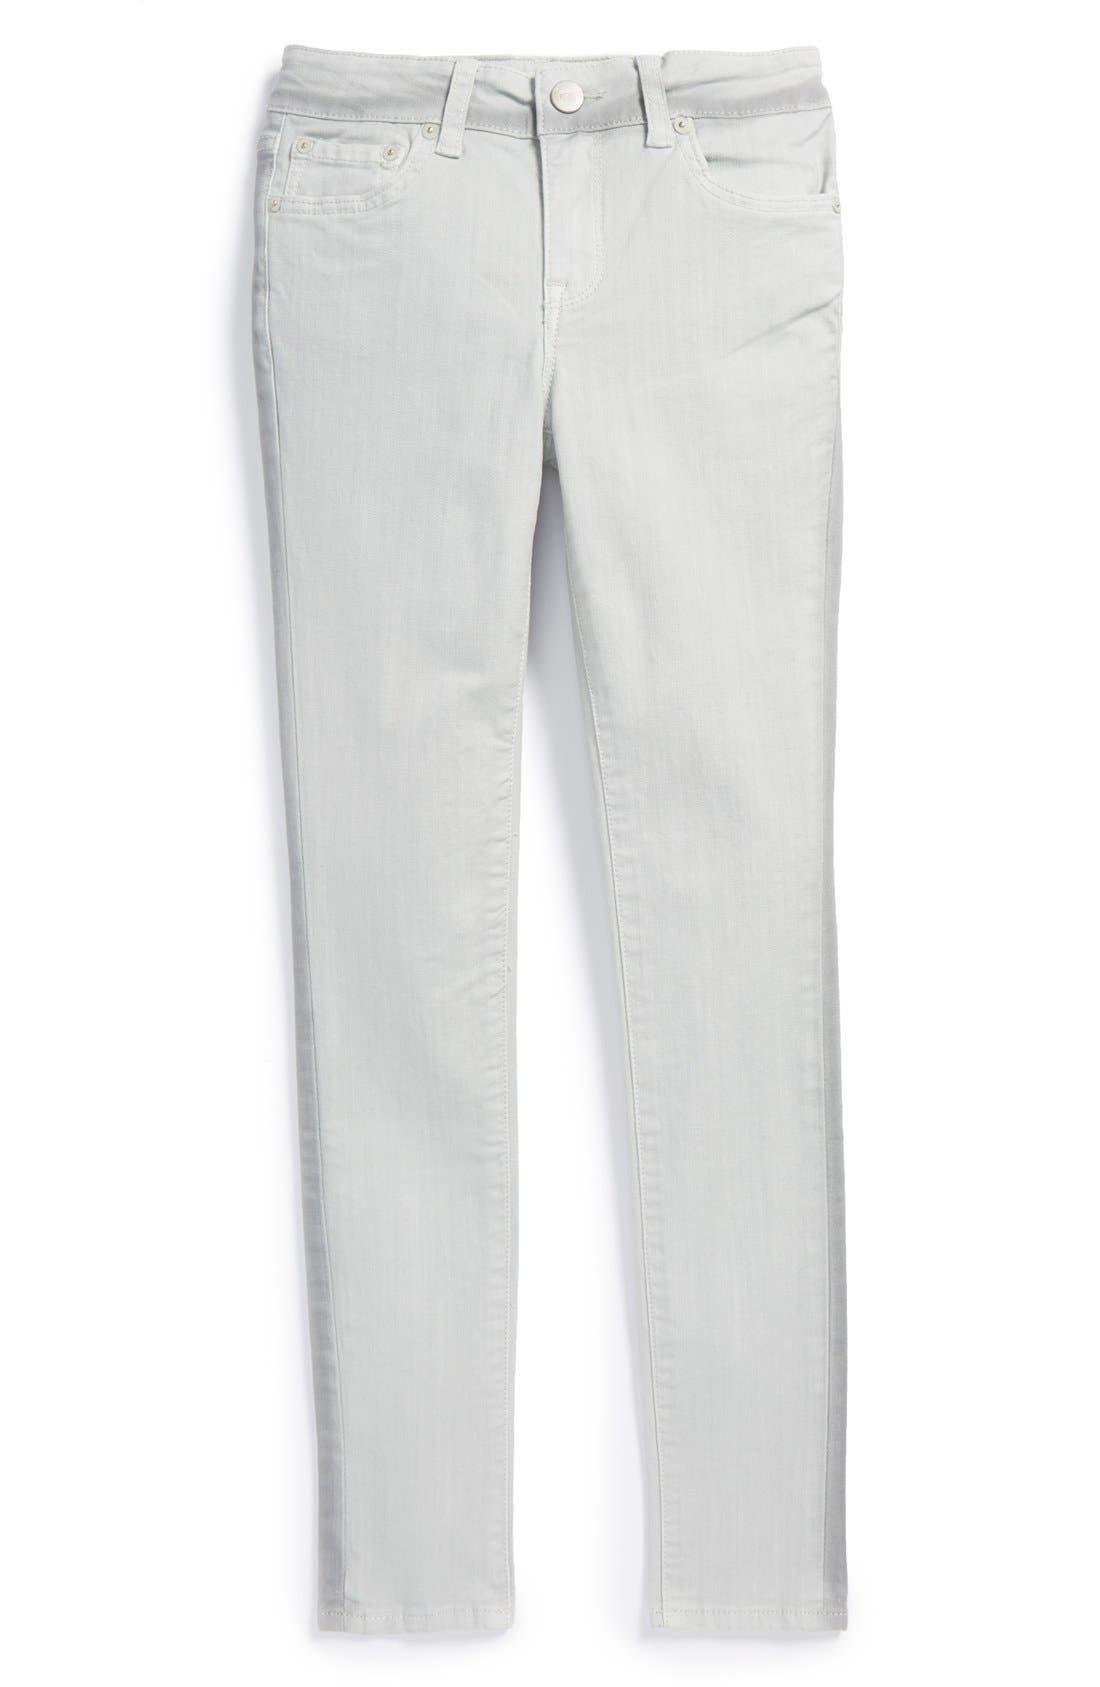 Alternate Image 1 Selected - Vince 'Riley' Jeans (Big Girls)